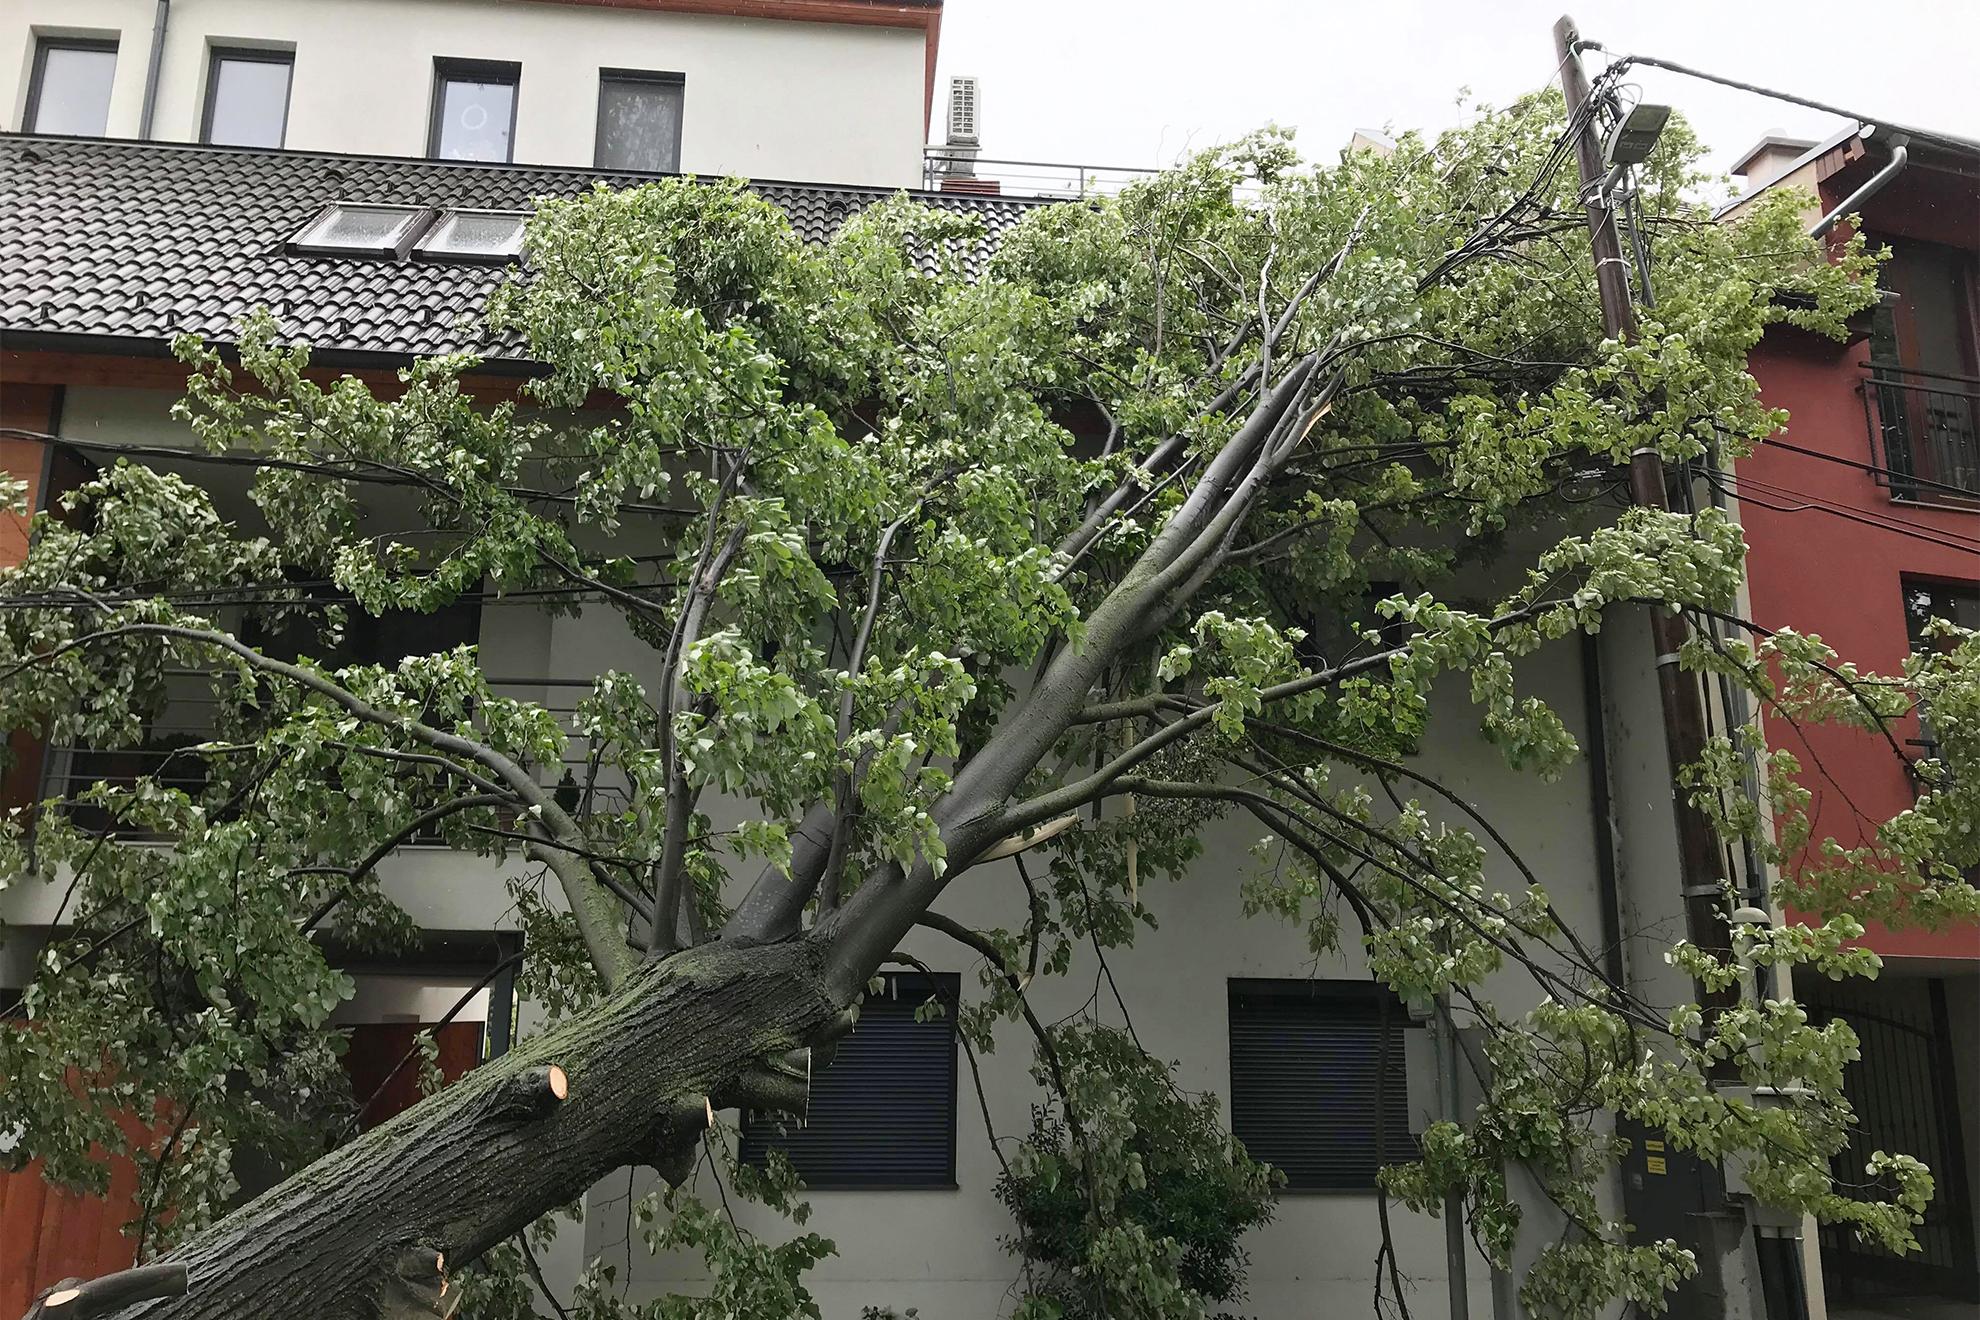 Családi házra dőlt egy fa Szombathelyen - Ugytudjuk.hu